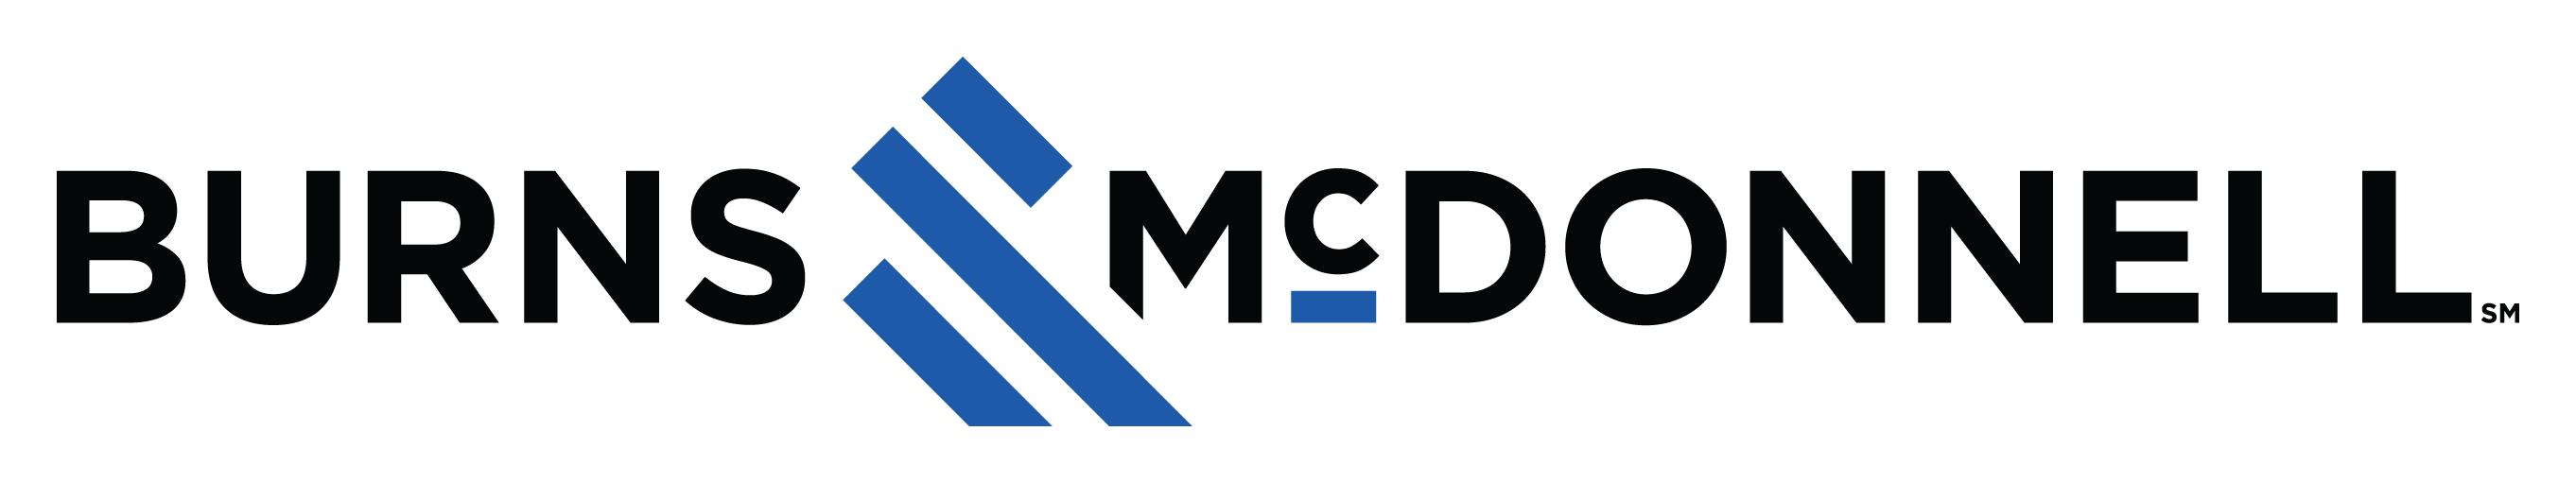 Burns & McDonnell's logo